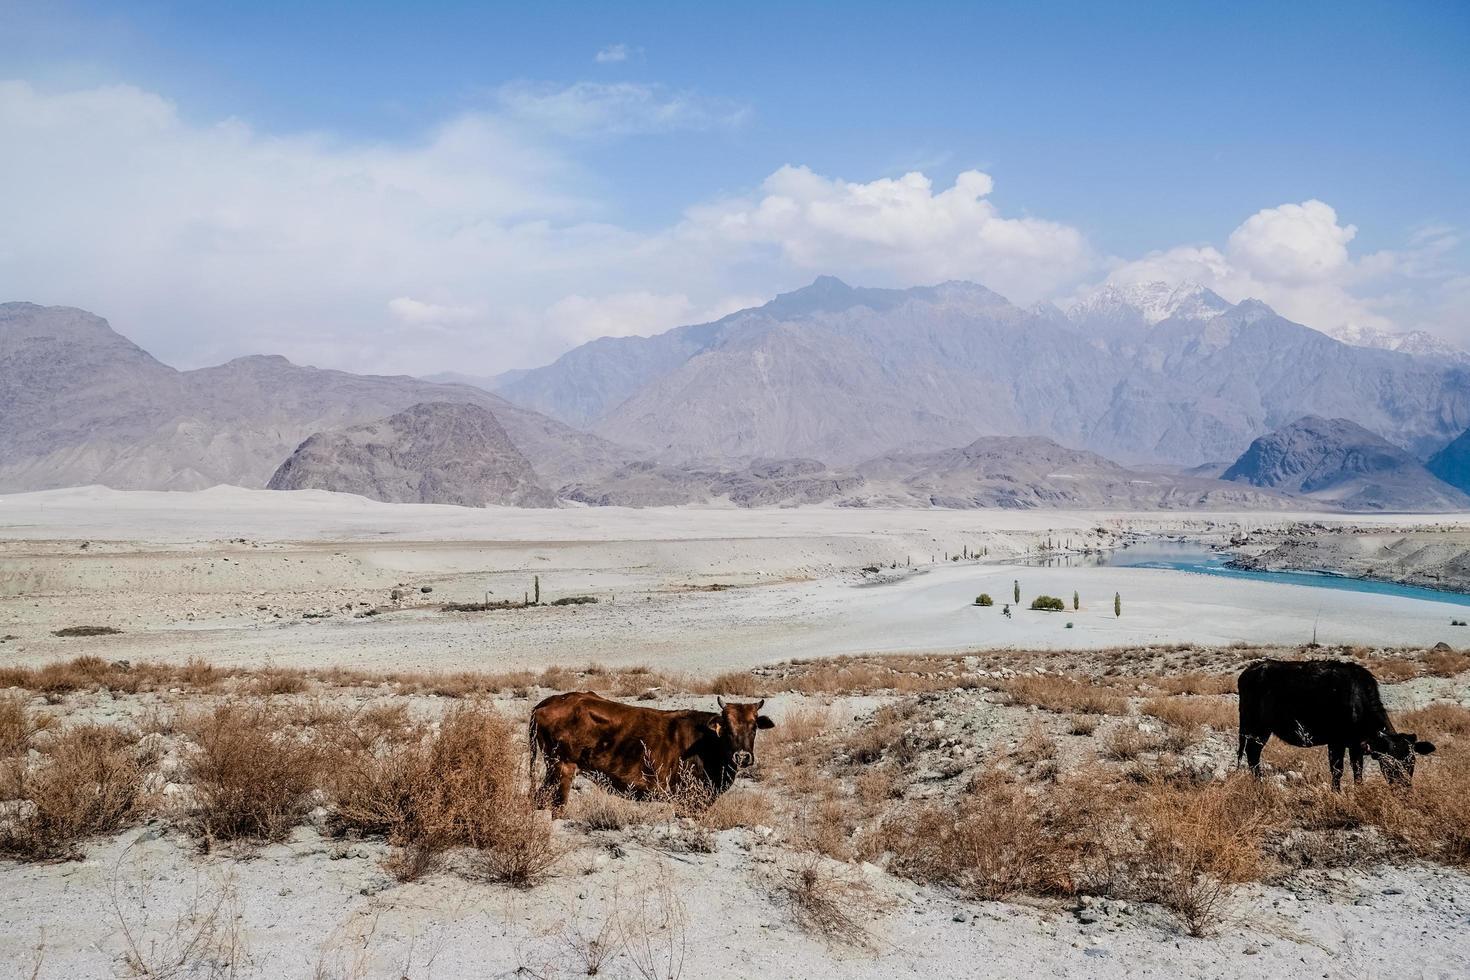 mucche al pascolo vicino al deserto di katpana a skardu, pakistan foto